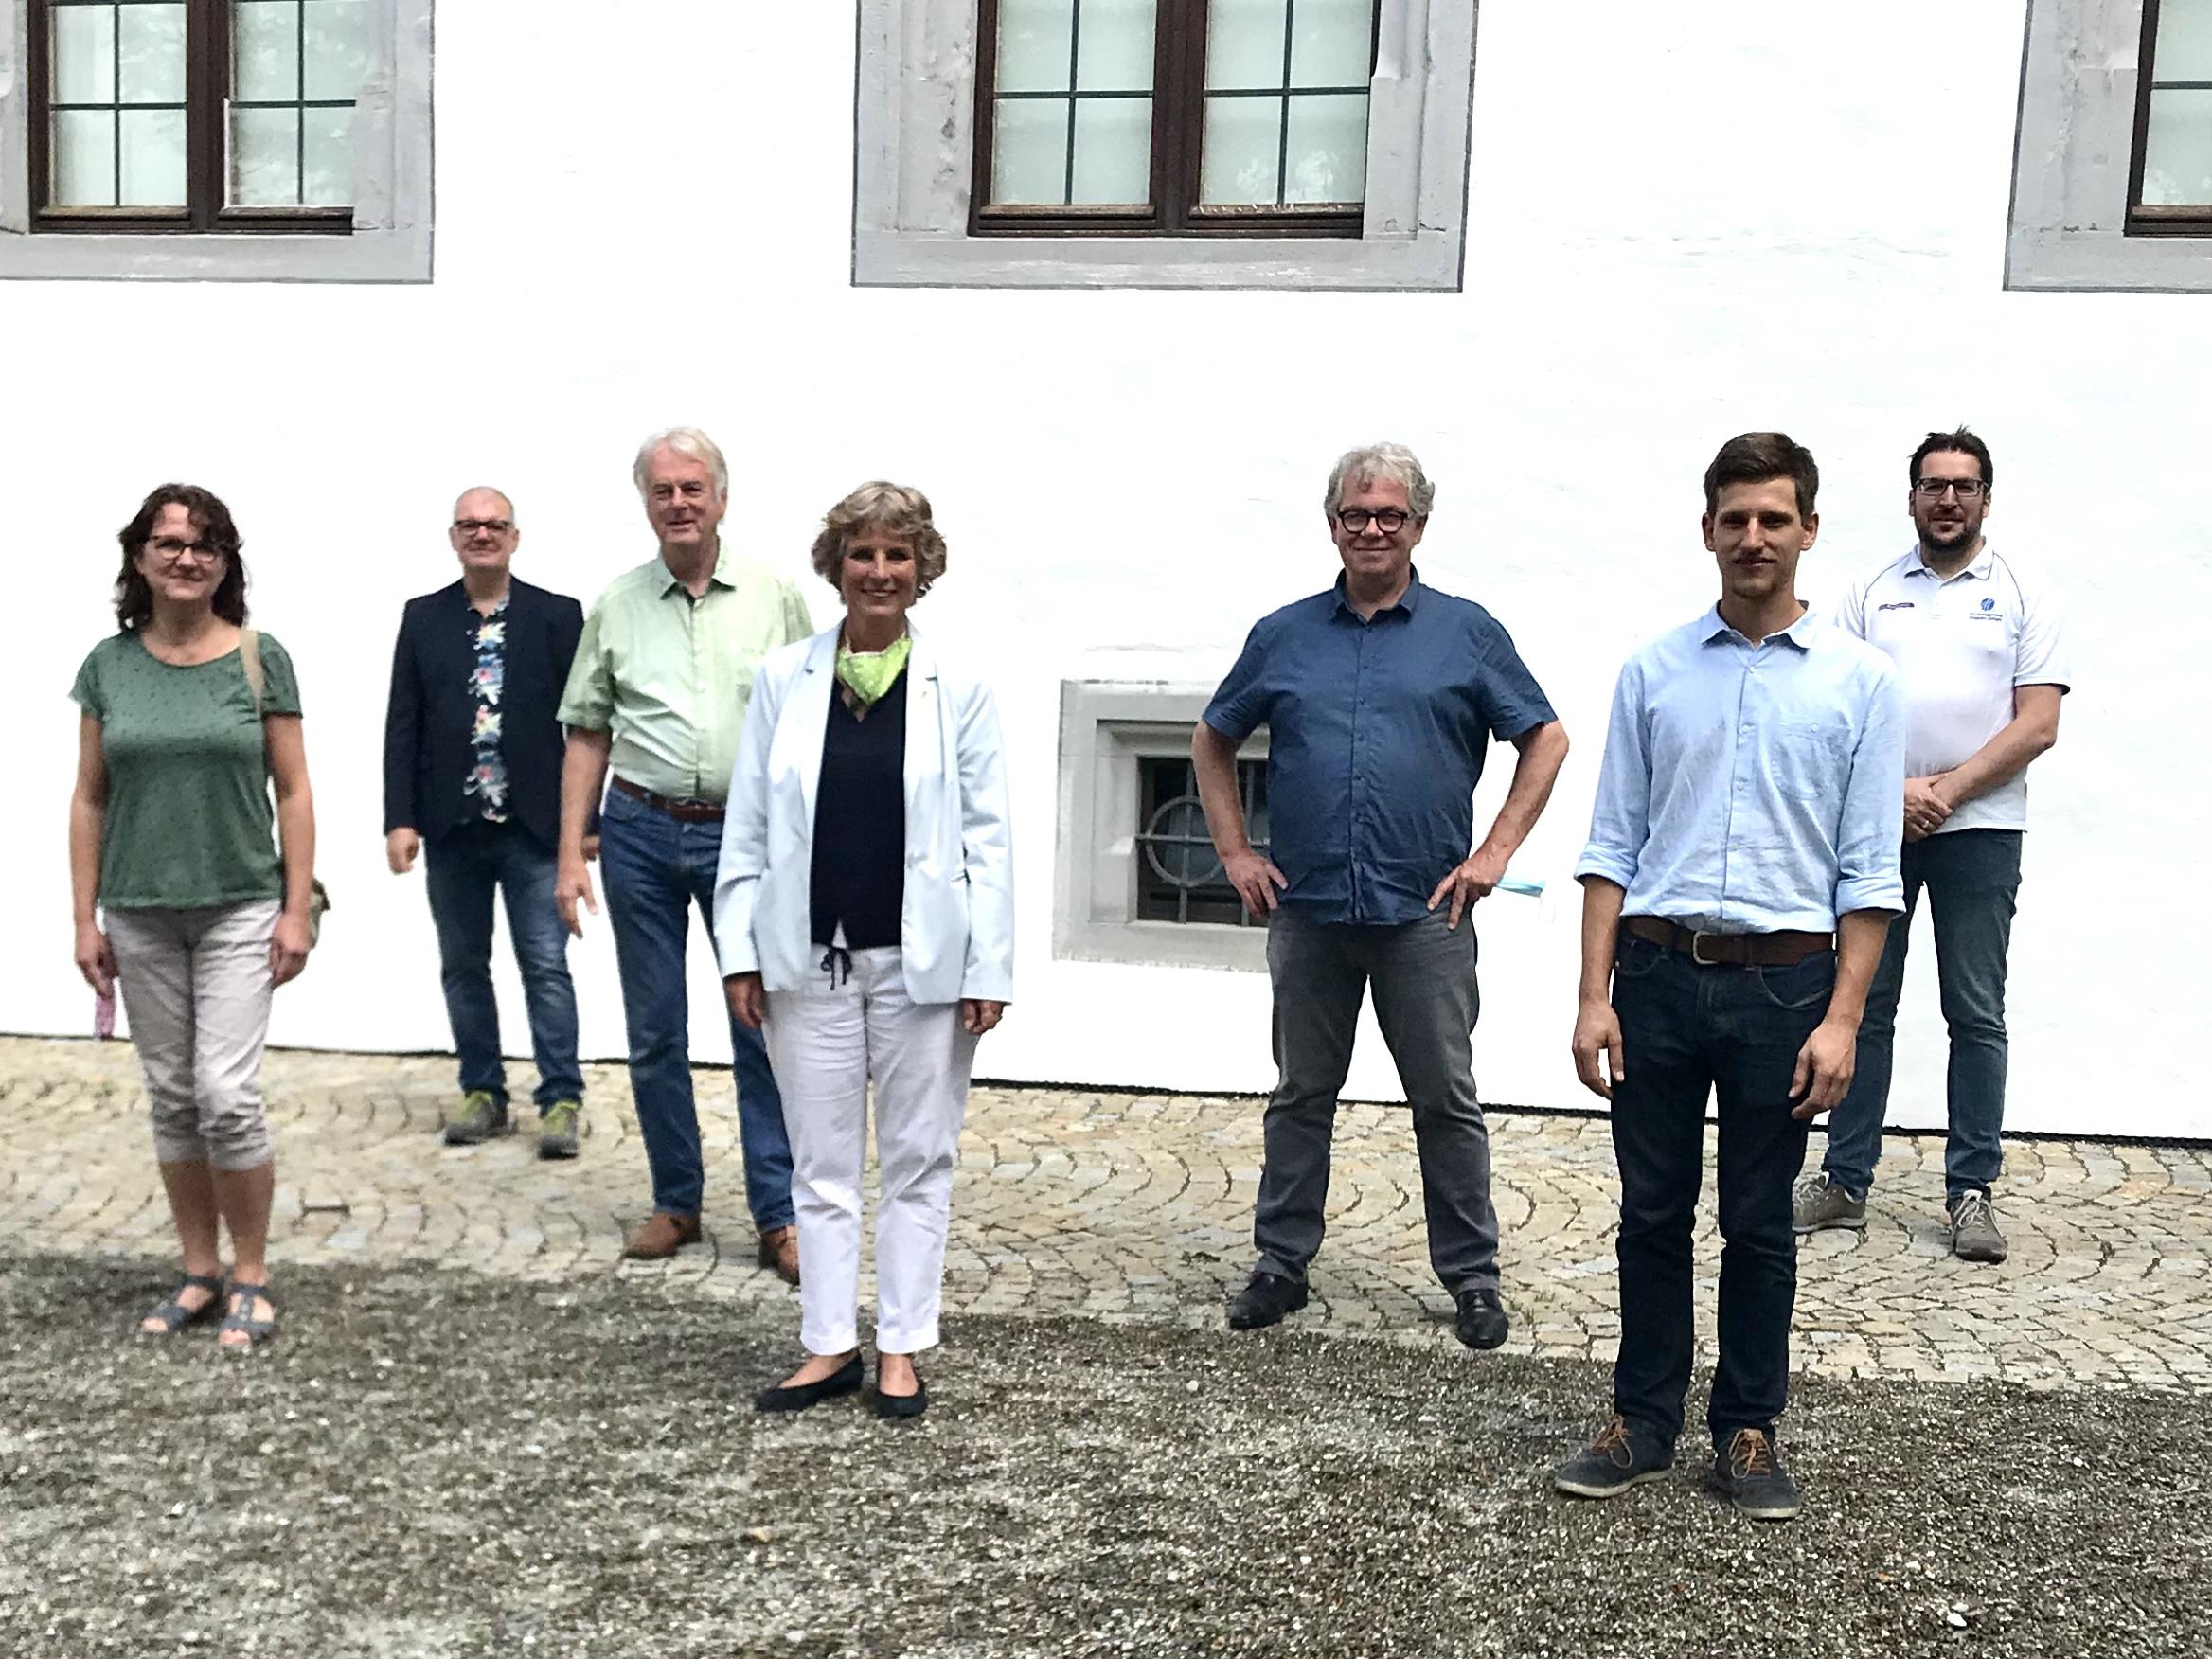 Gründungsversammlung Förderverein Ablachtalbahn e.V.